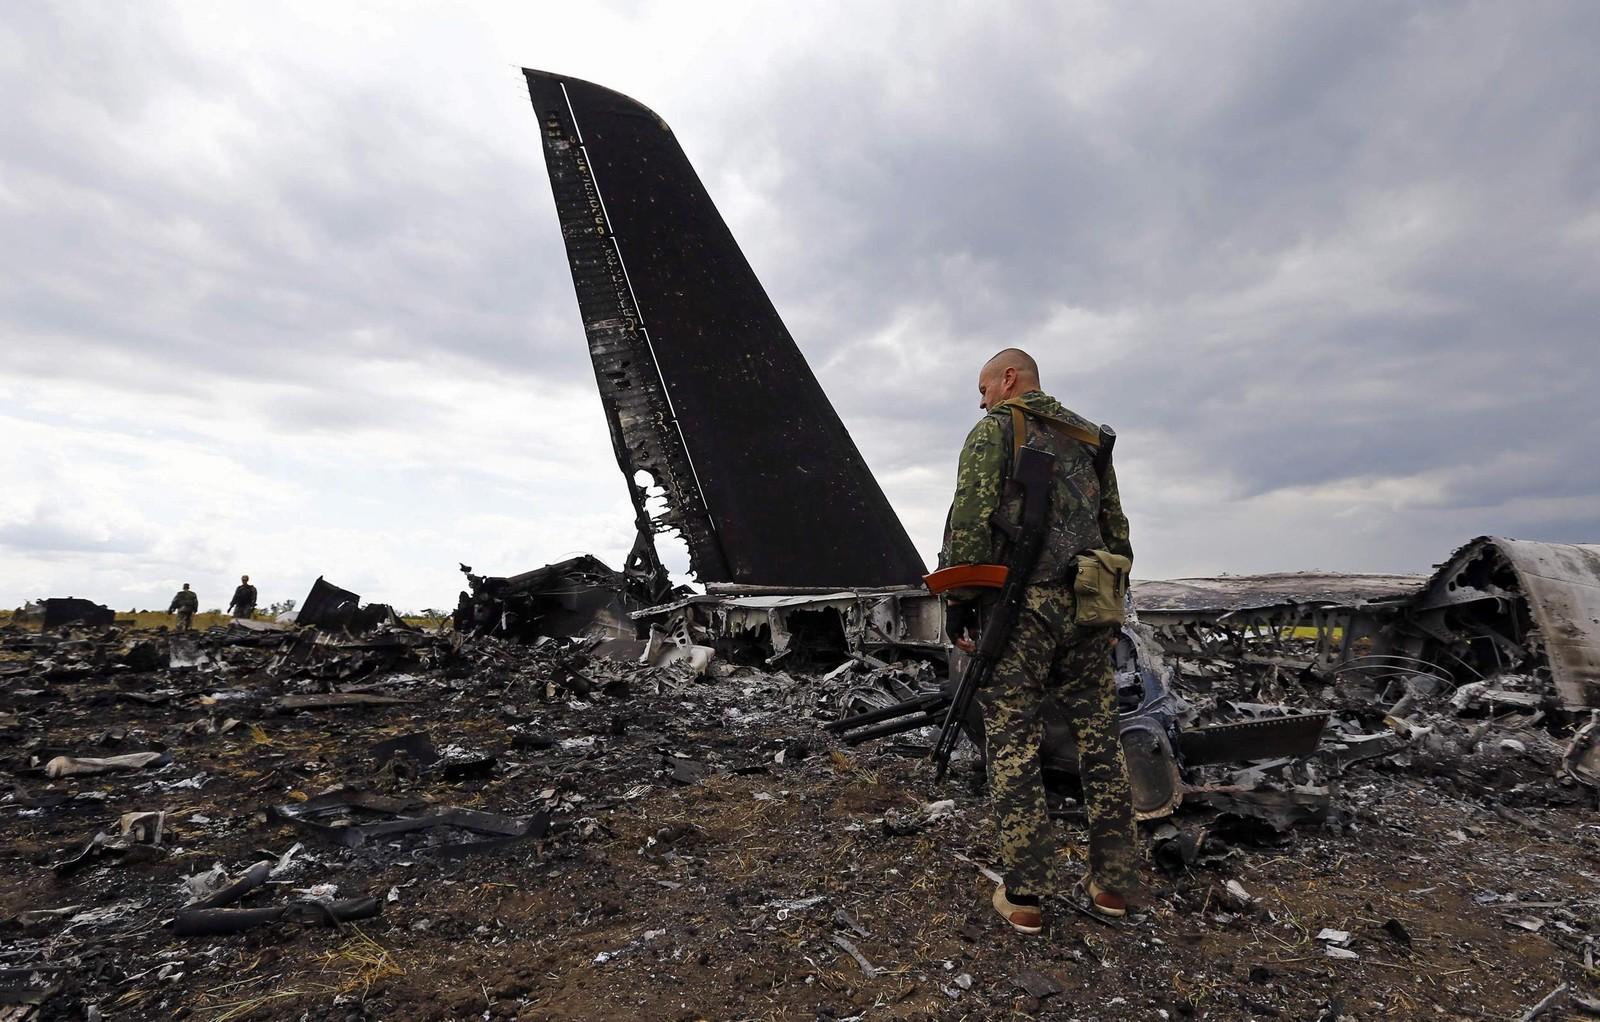 격추당한 우크라이나 공군의 IL-76MD 수송기